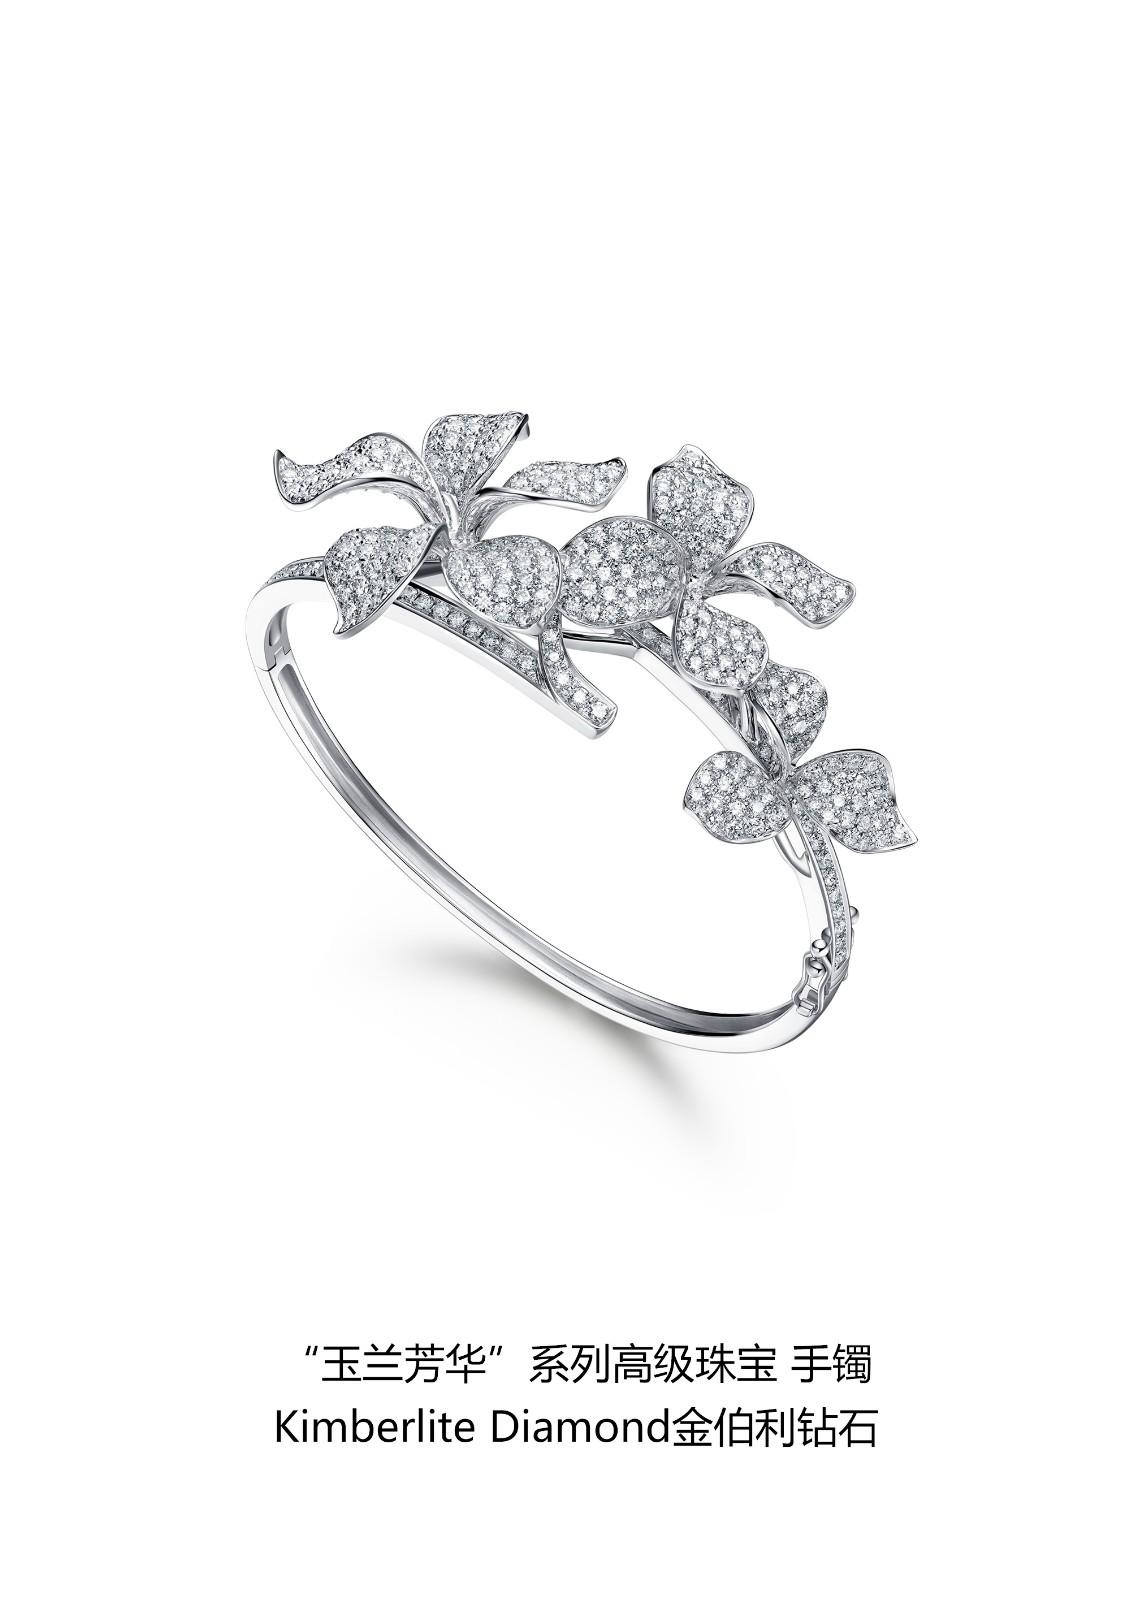 玉兰芳华系列高级珠宝之手镯